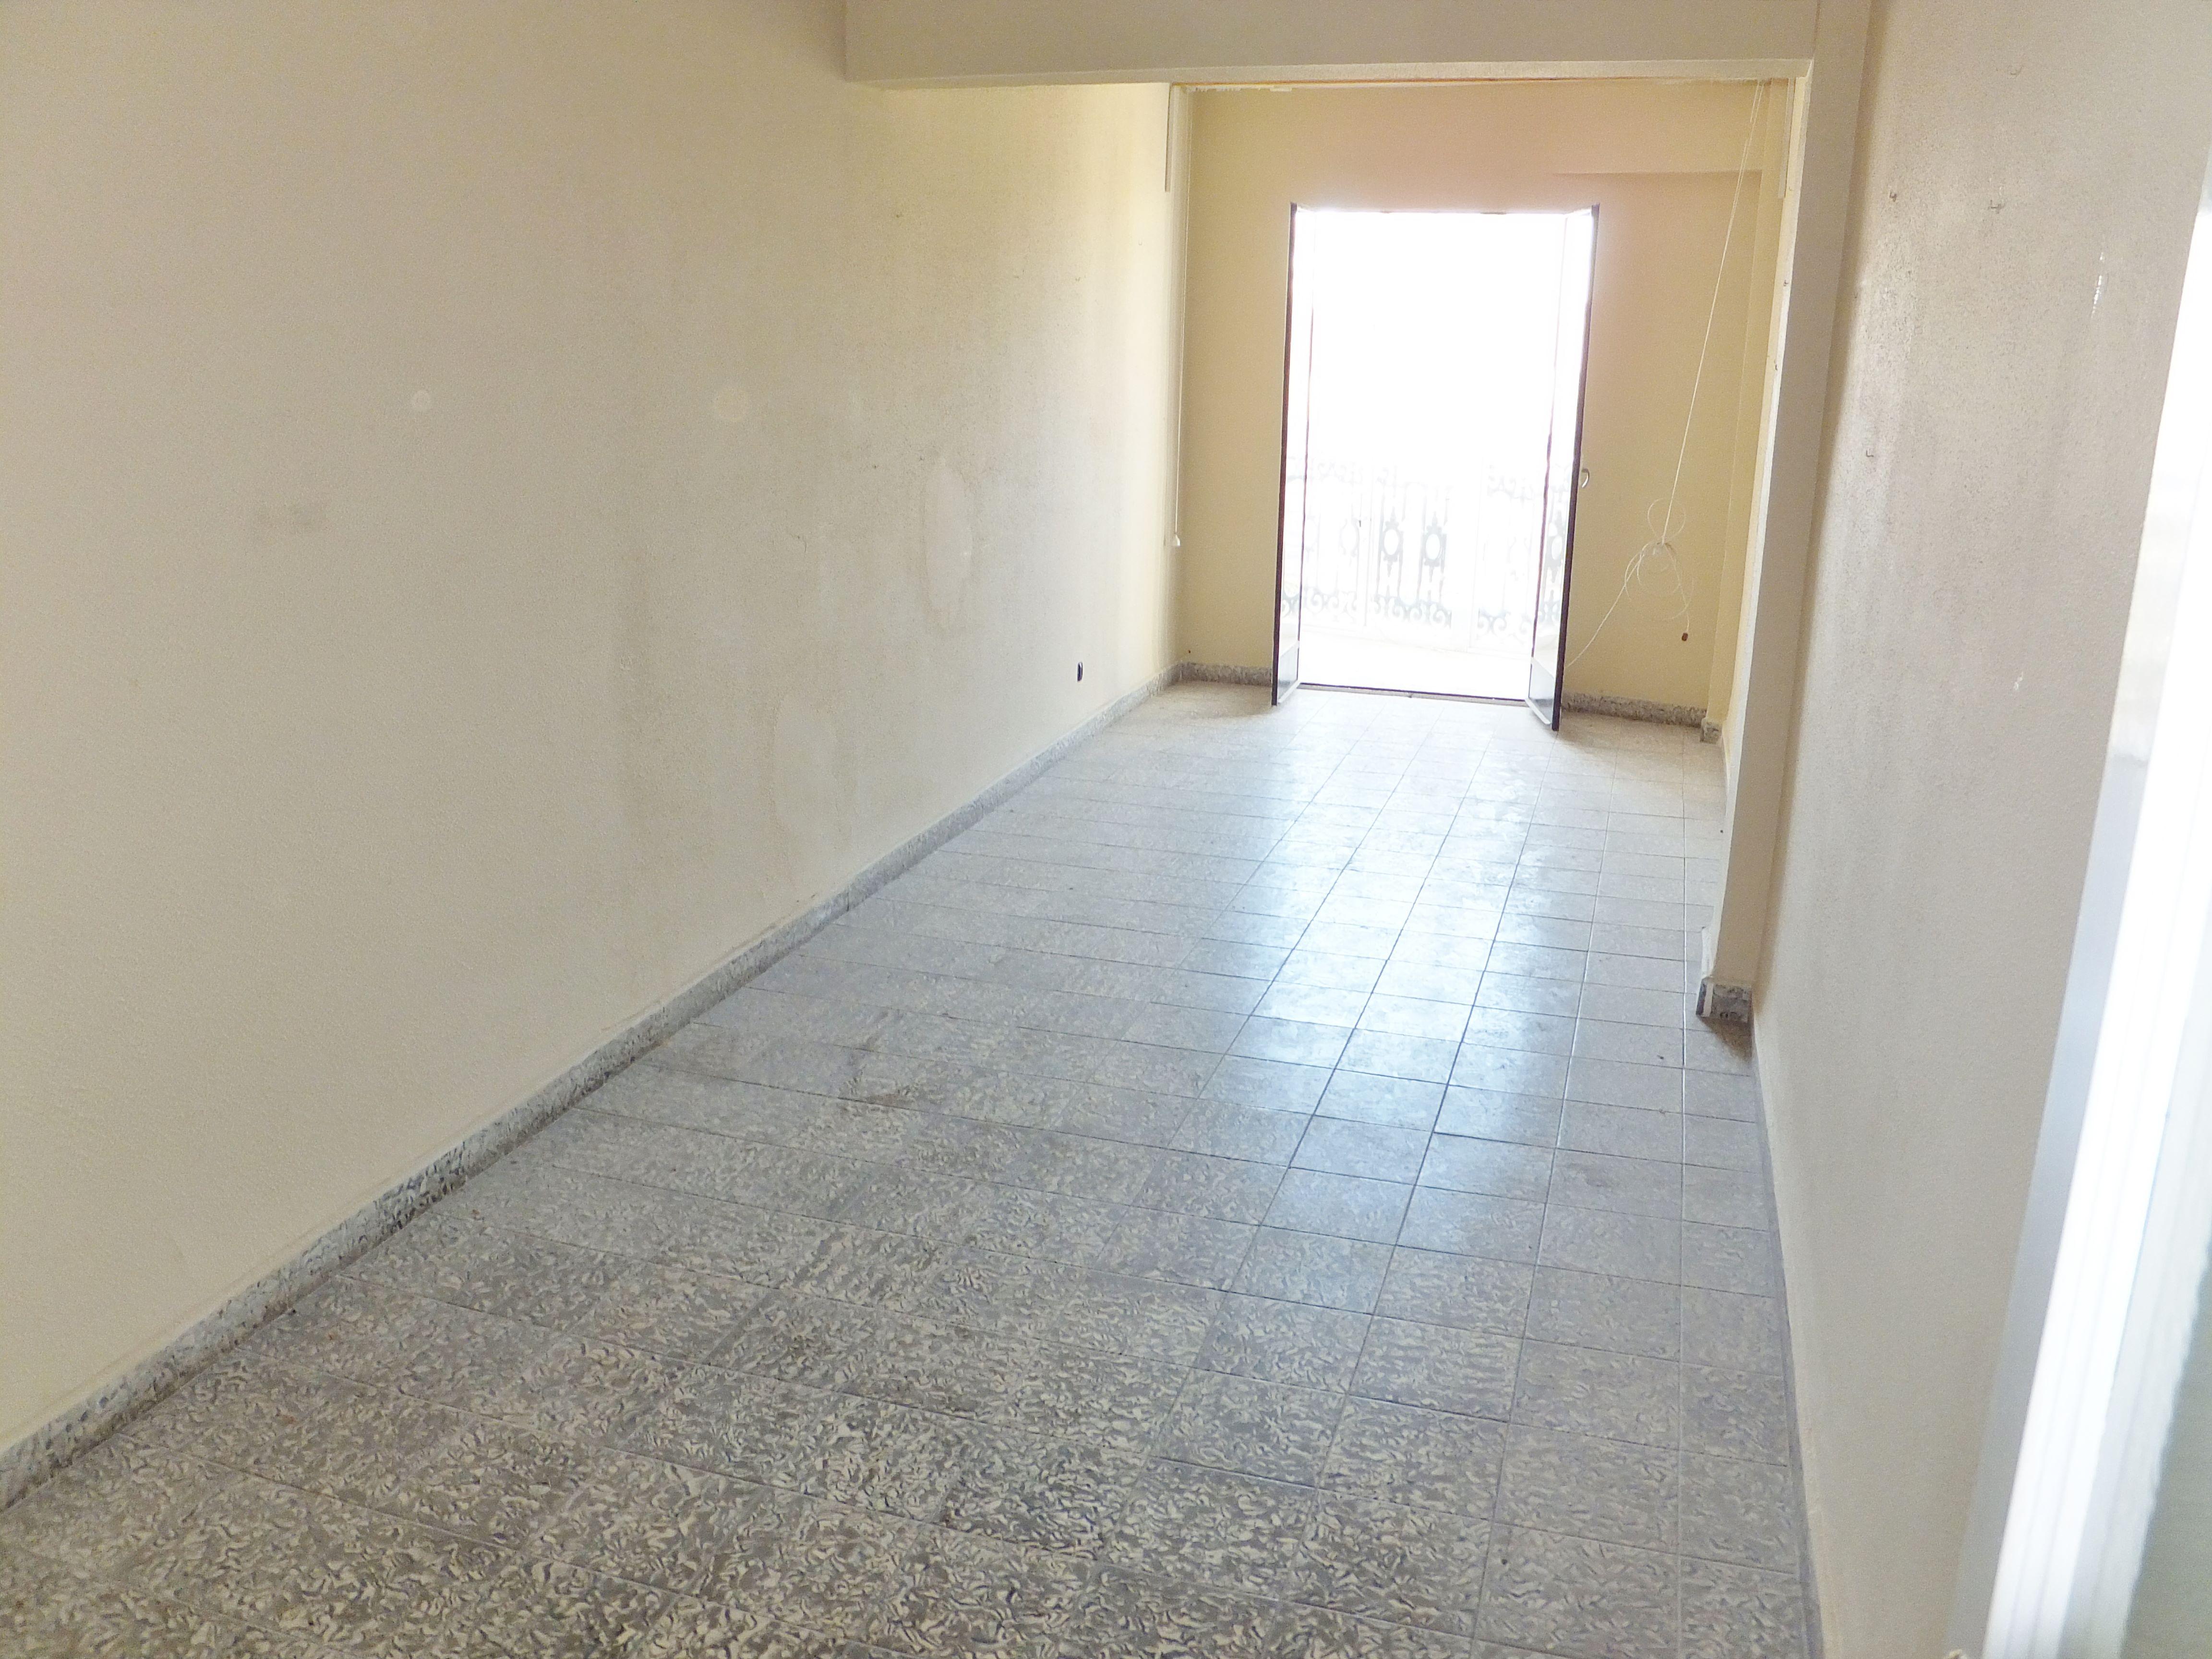 Dscf4323 inmobiliaria piquer for Oficina catastro almeria